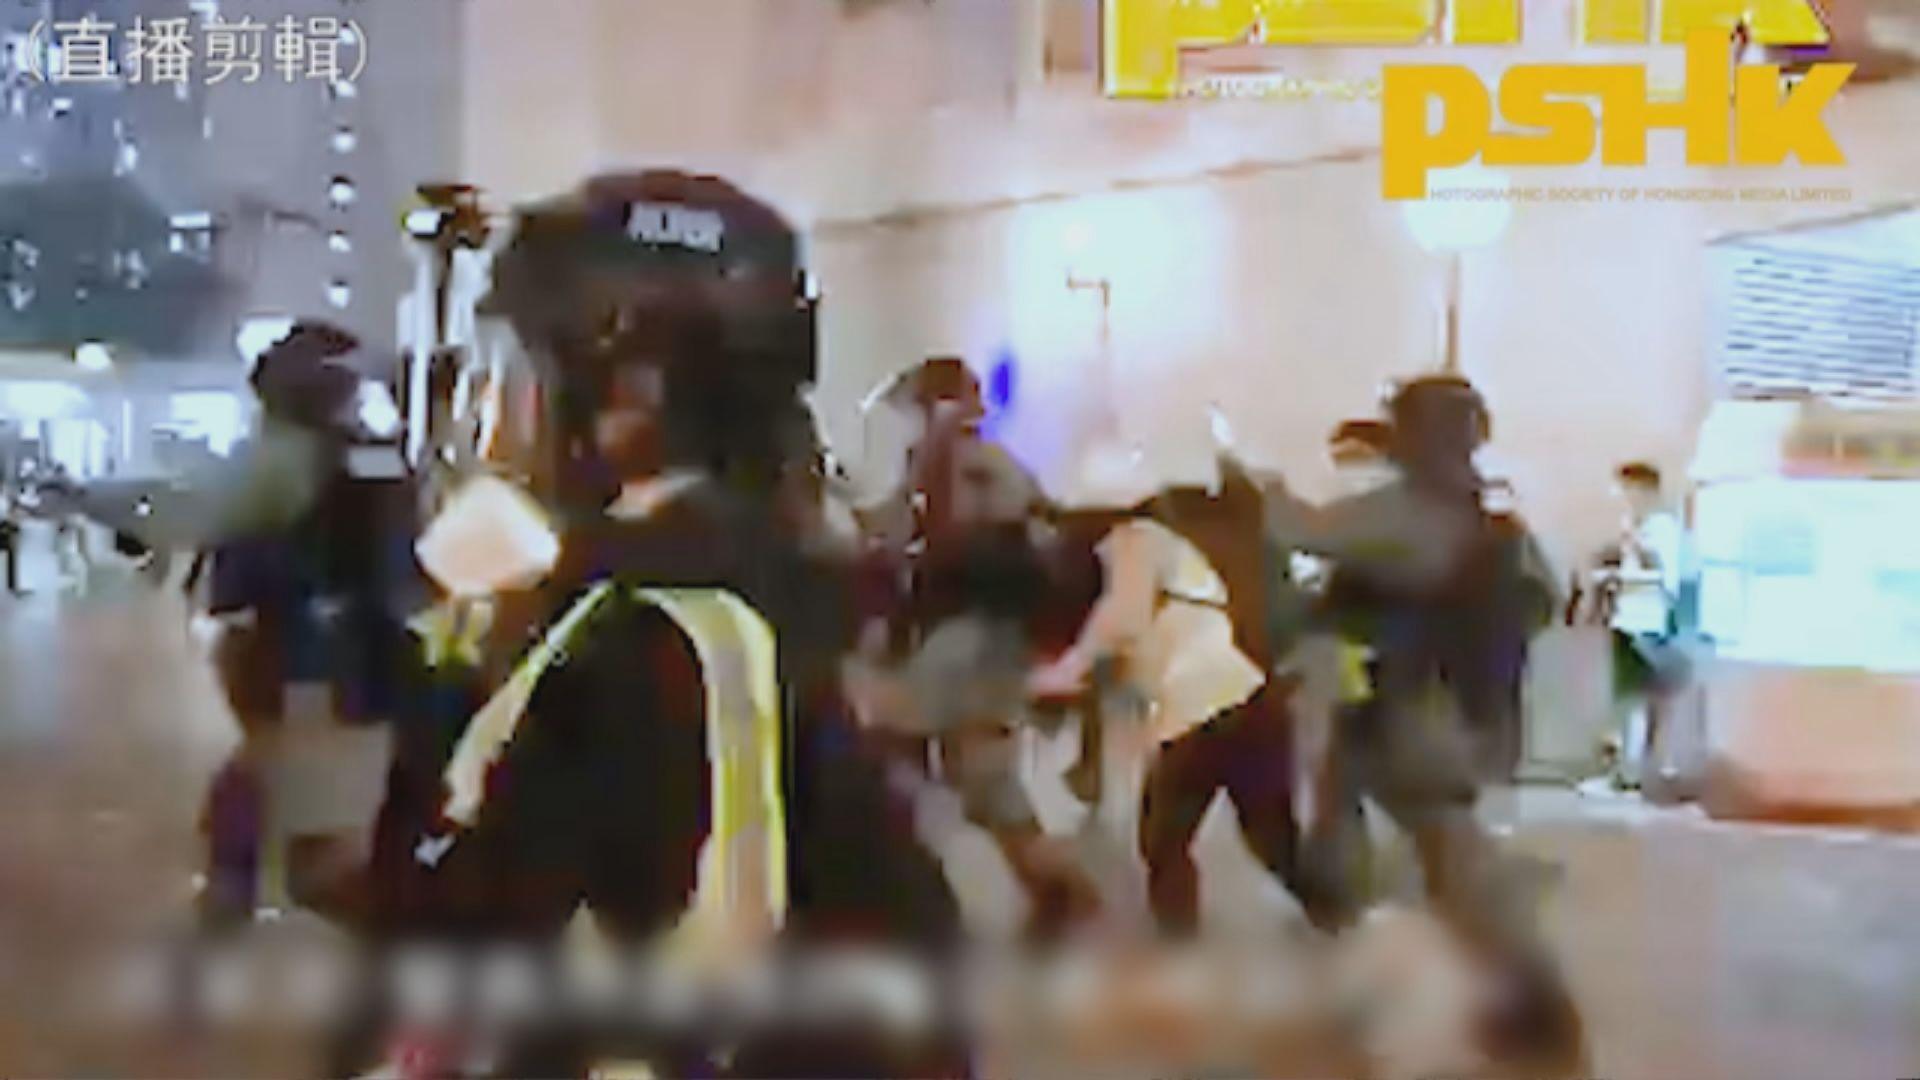 有線記者被警推跌受傷 要求交代涉事警身分